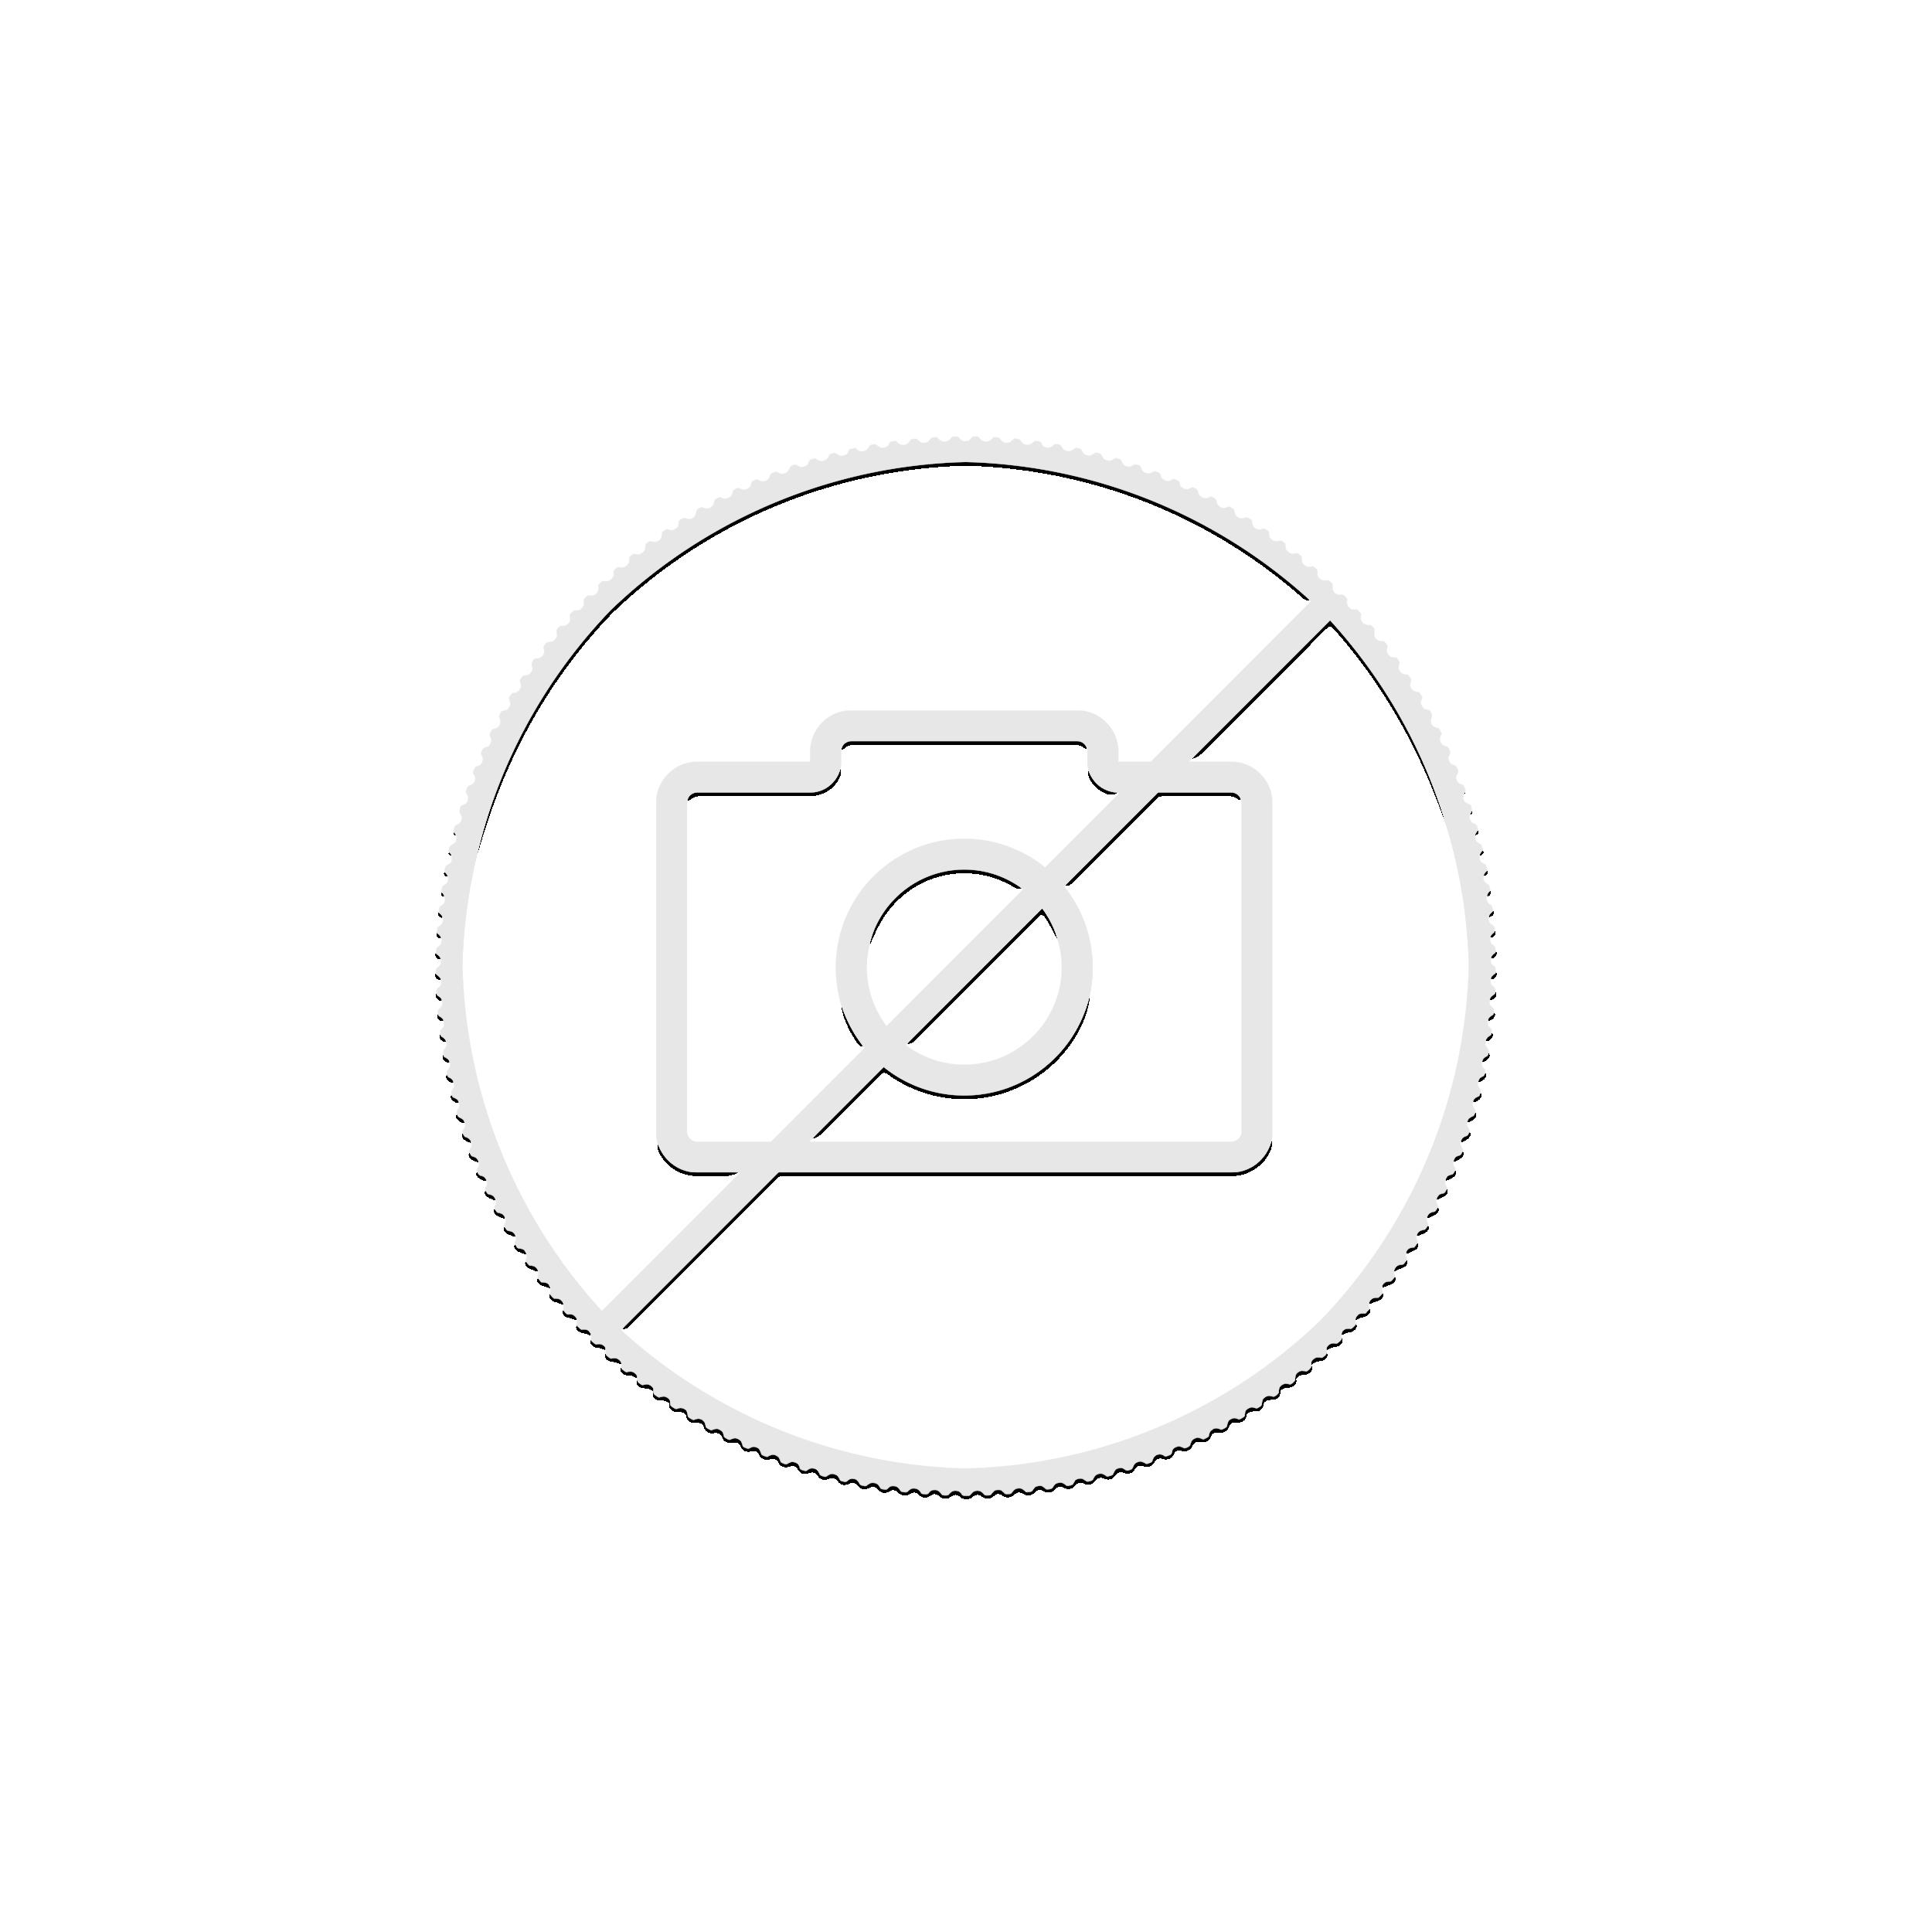 Halve troy ounce zilveren Lunar munt 2017 - jaar van de haan